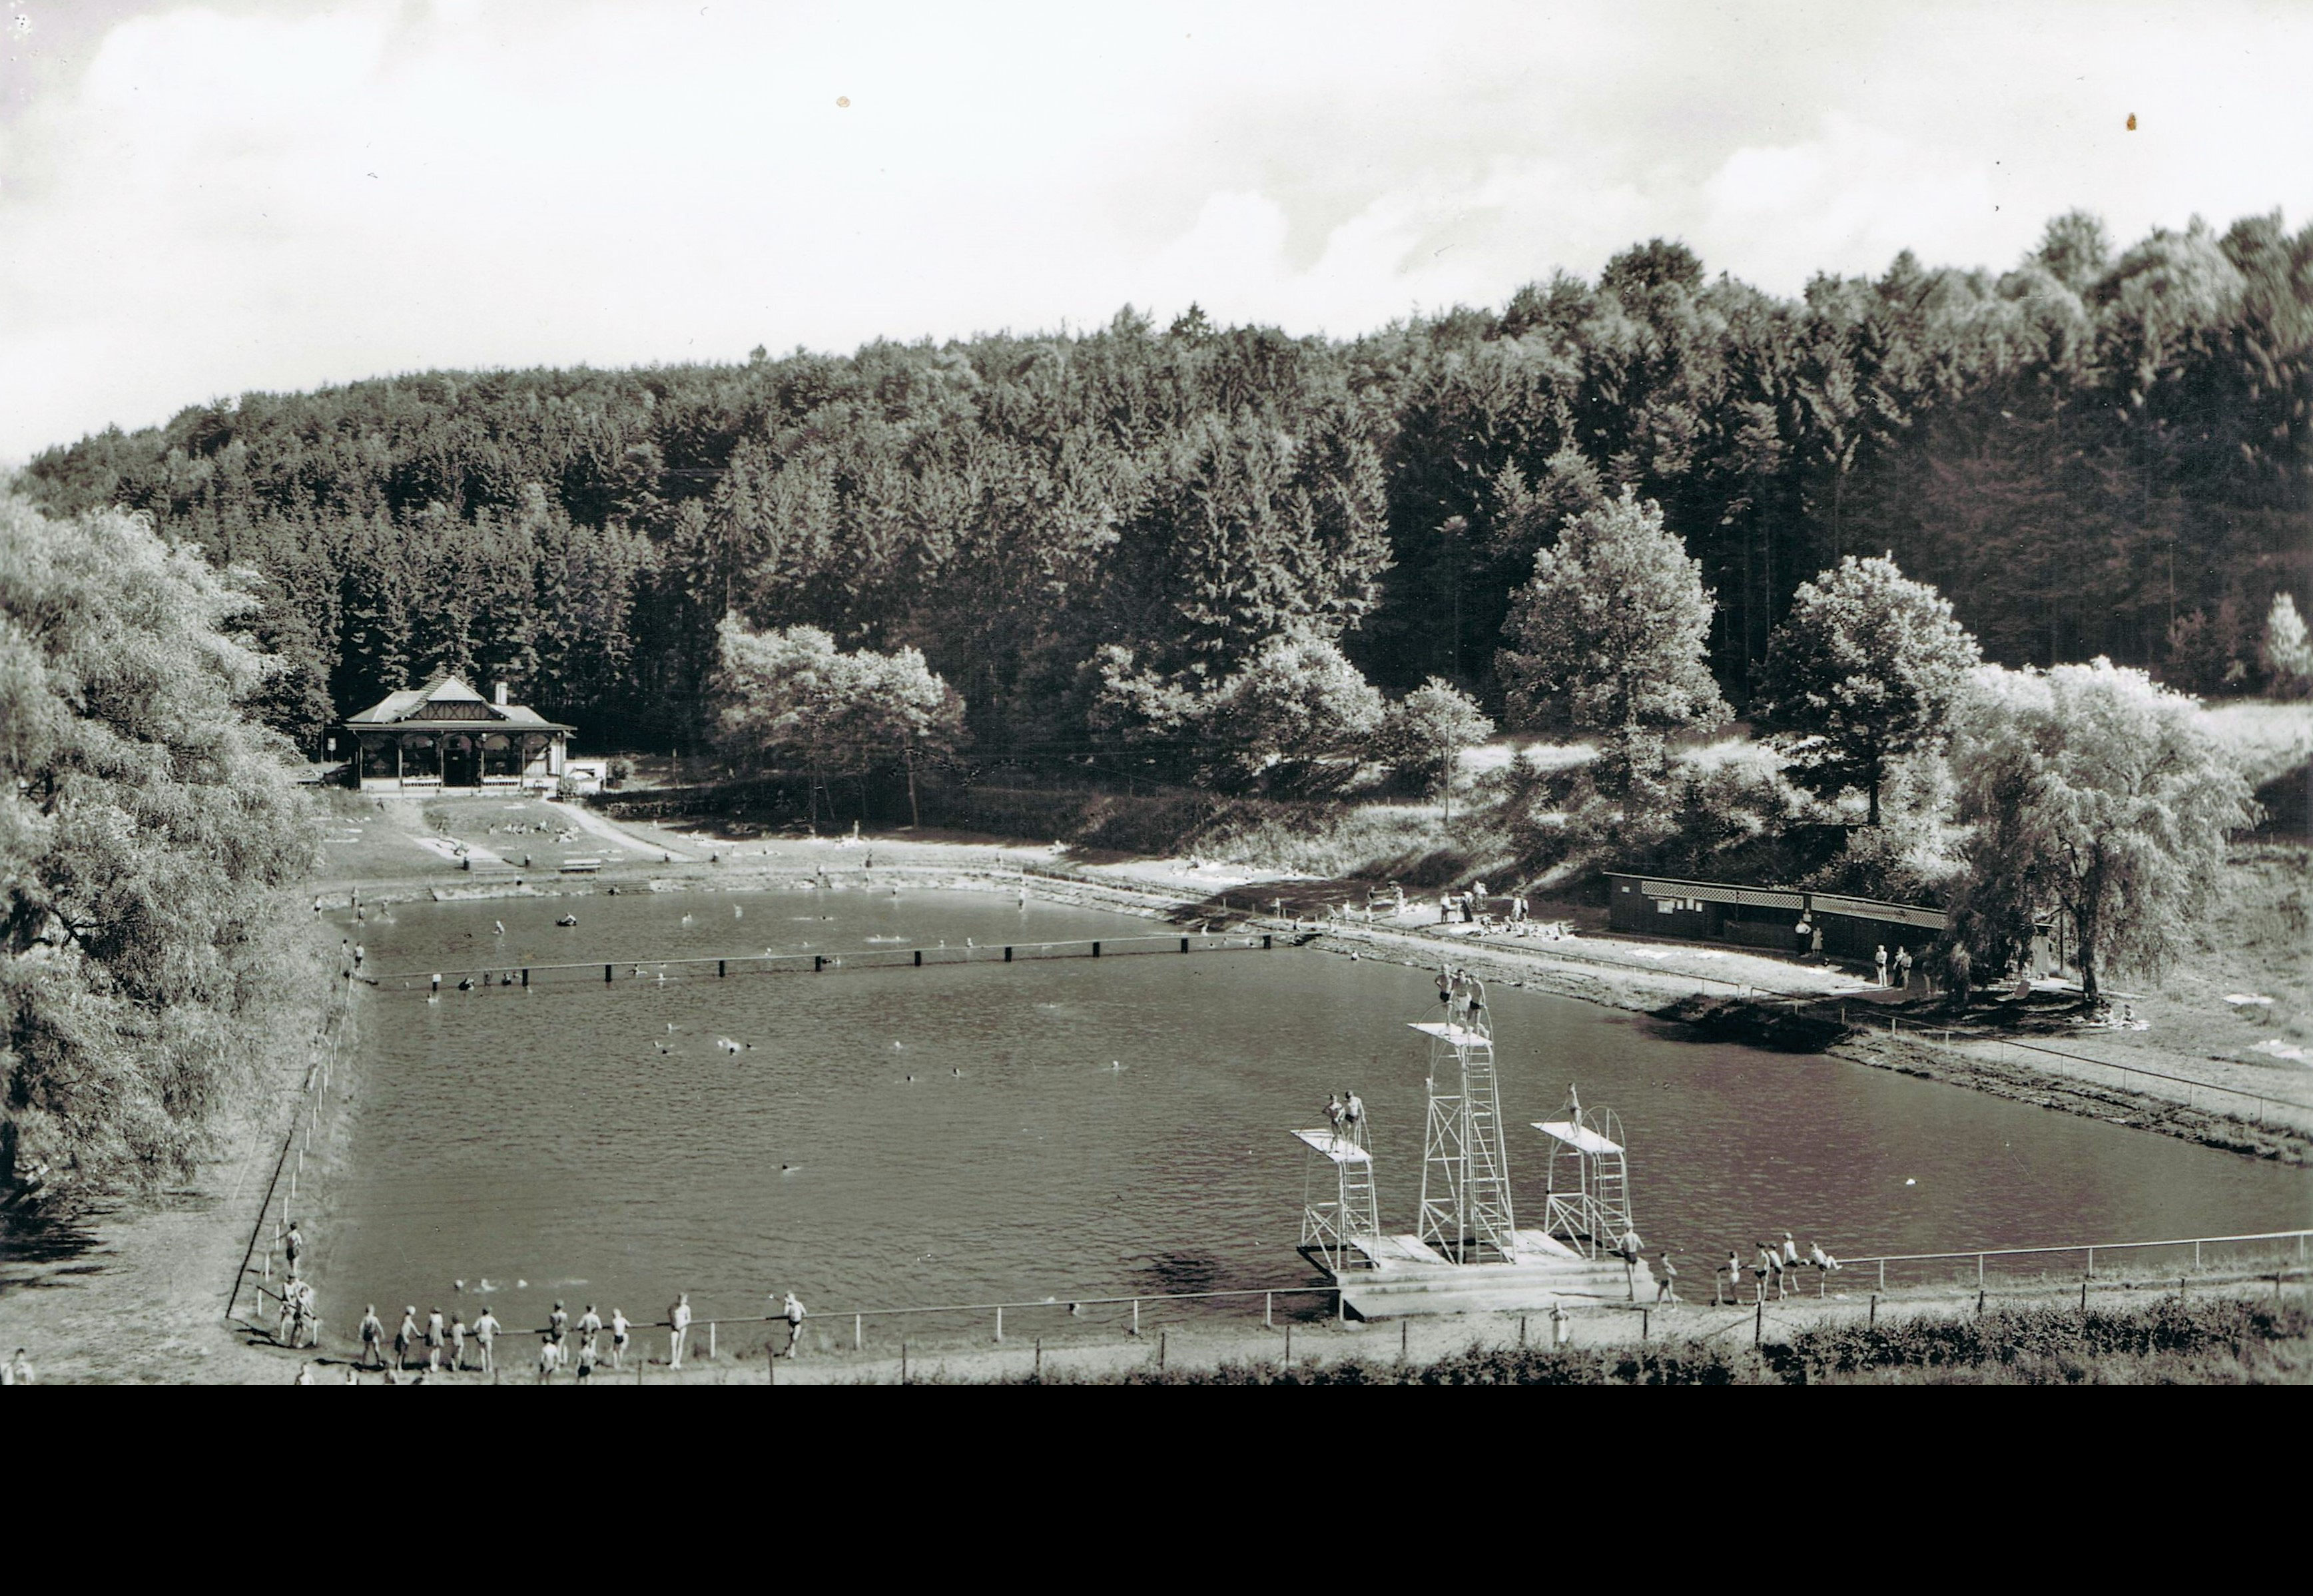 1968, zweiter Sprungturm mit alter Kabinenanlage und Brücke